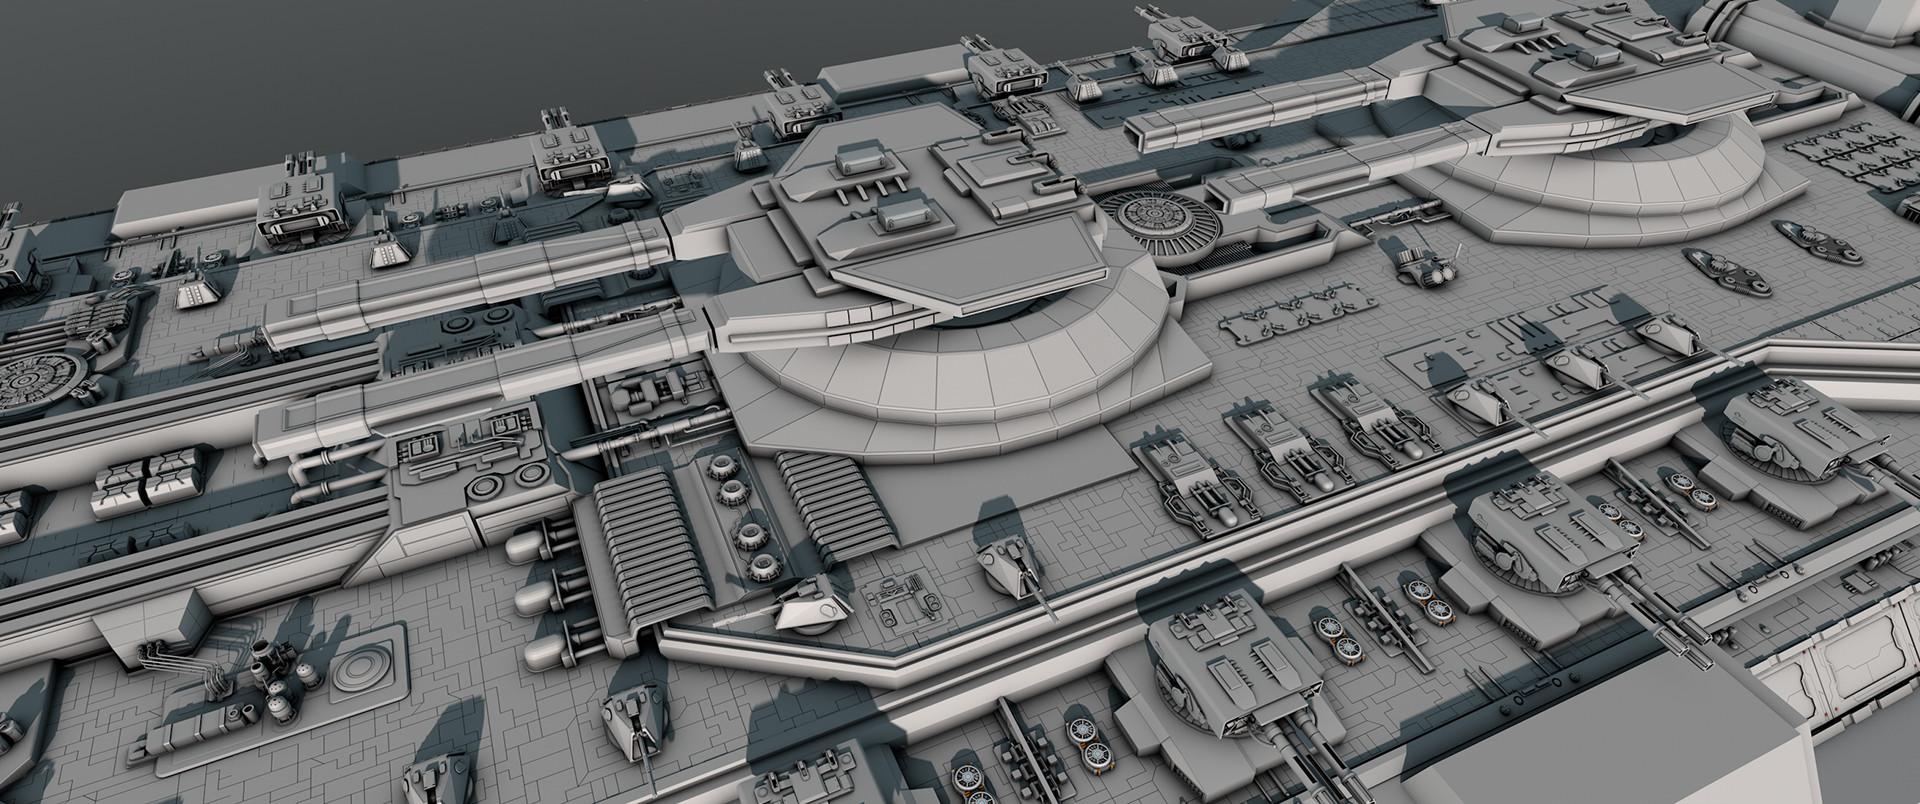 Glenn clovis concept battleship saratoga 38